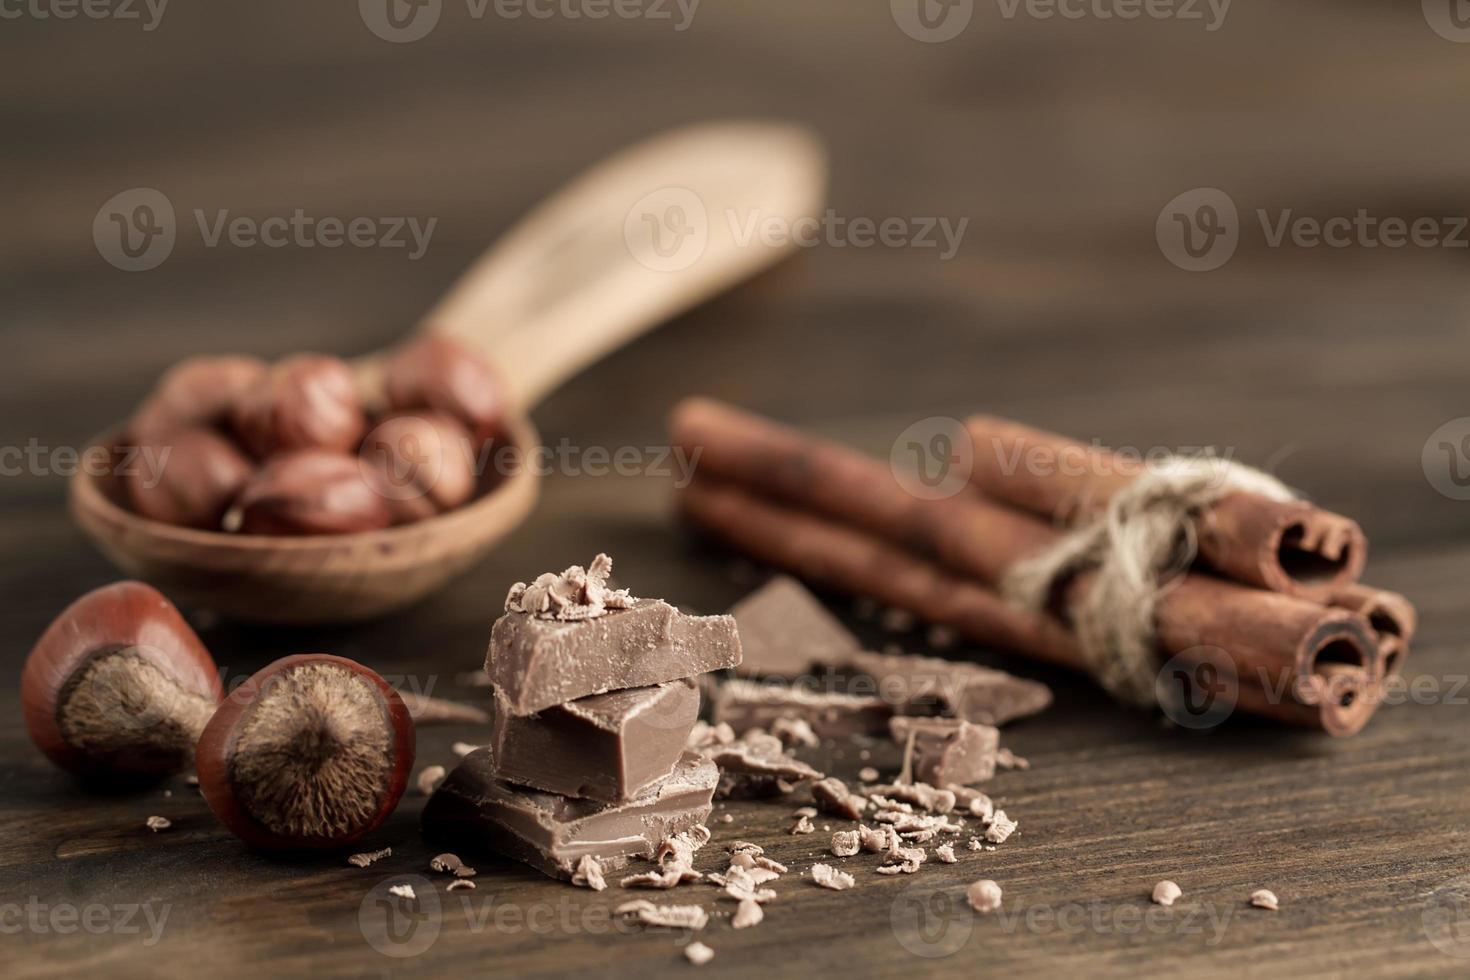 gebrochener Schokoriegel, Haselnuss und Zimt auf hölzernem Hintergrund, Nahaufnahme foto